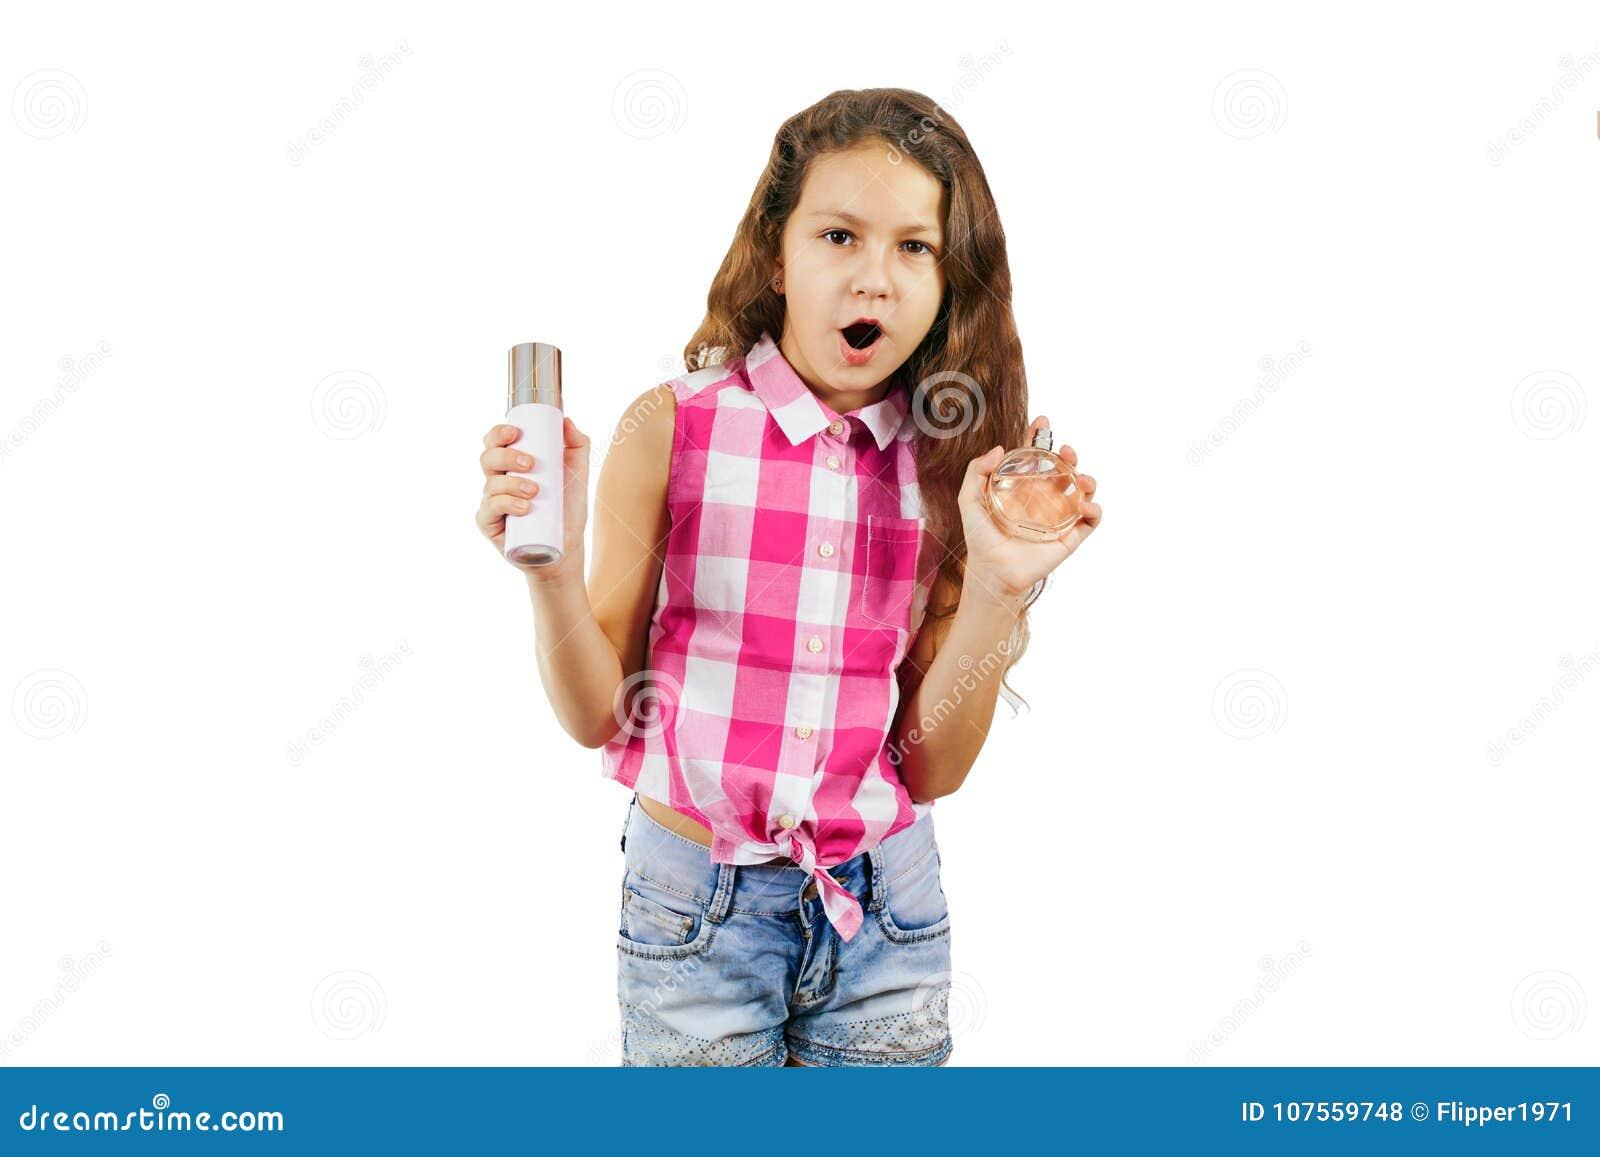 以一个迷人的歌剧女主角的形式一个逗人喜爱的小女孩有梳子的和